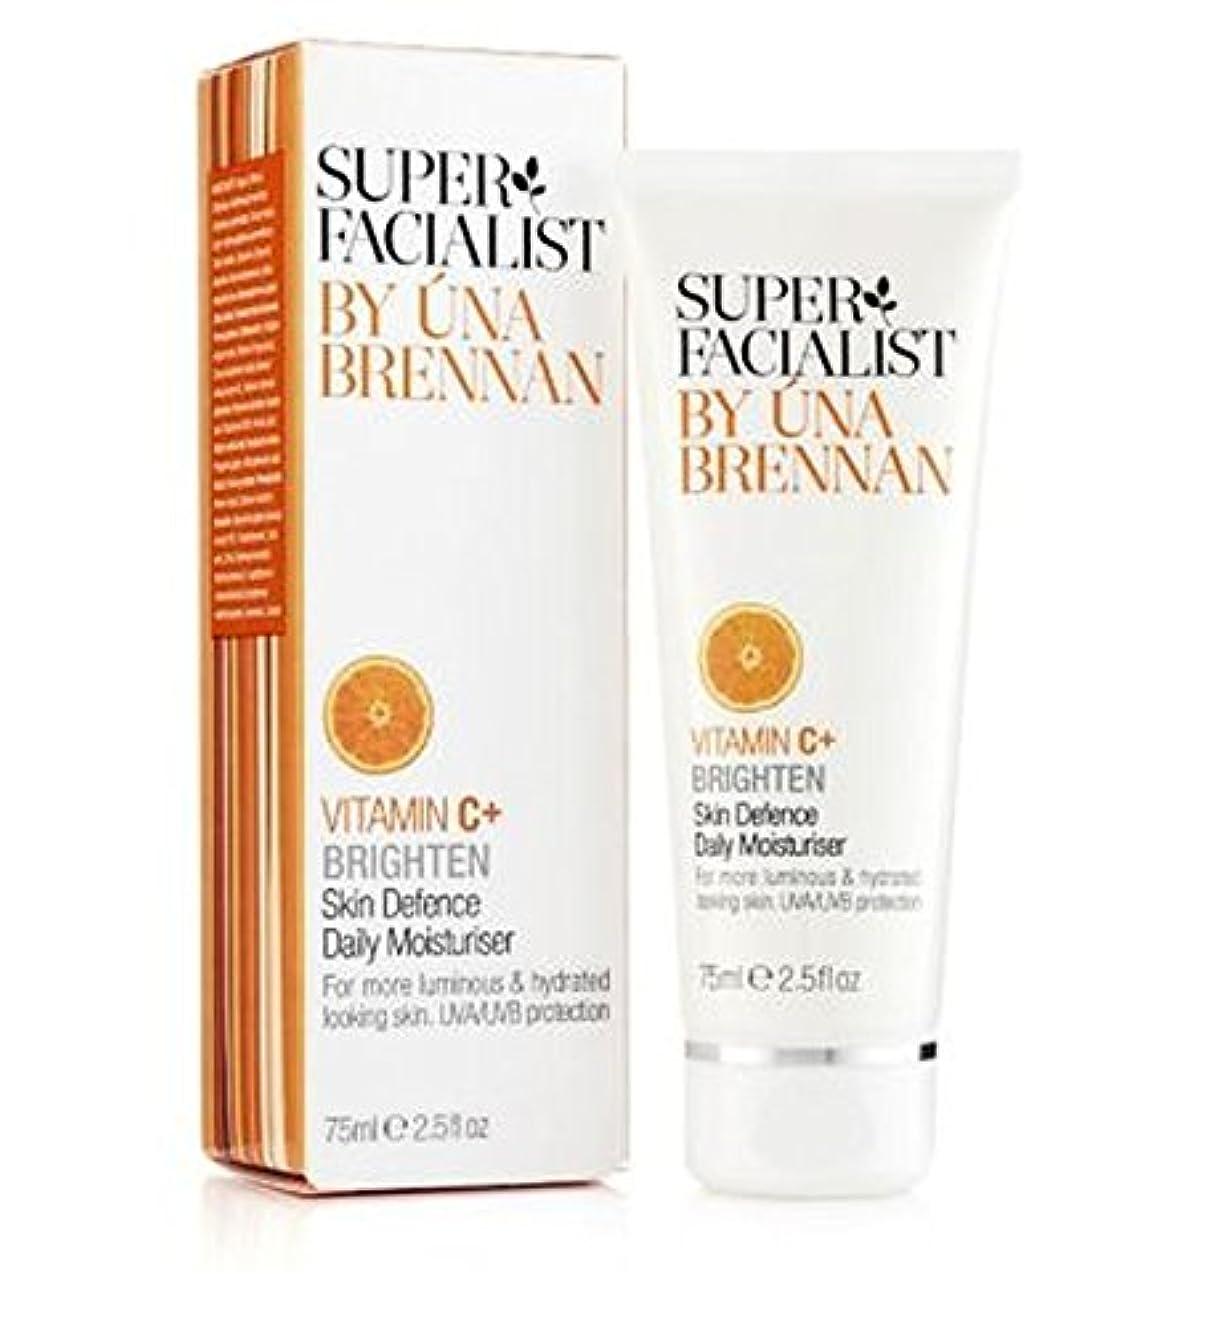 炭水化物退却値するSuper Facialist Vitamin C+ Skin Defence Daily Moisturiser 75ml - スーパーFacialistのビタミンC +皮膚の防衛毎日の保湿75ミリリットル (Superfacialist...